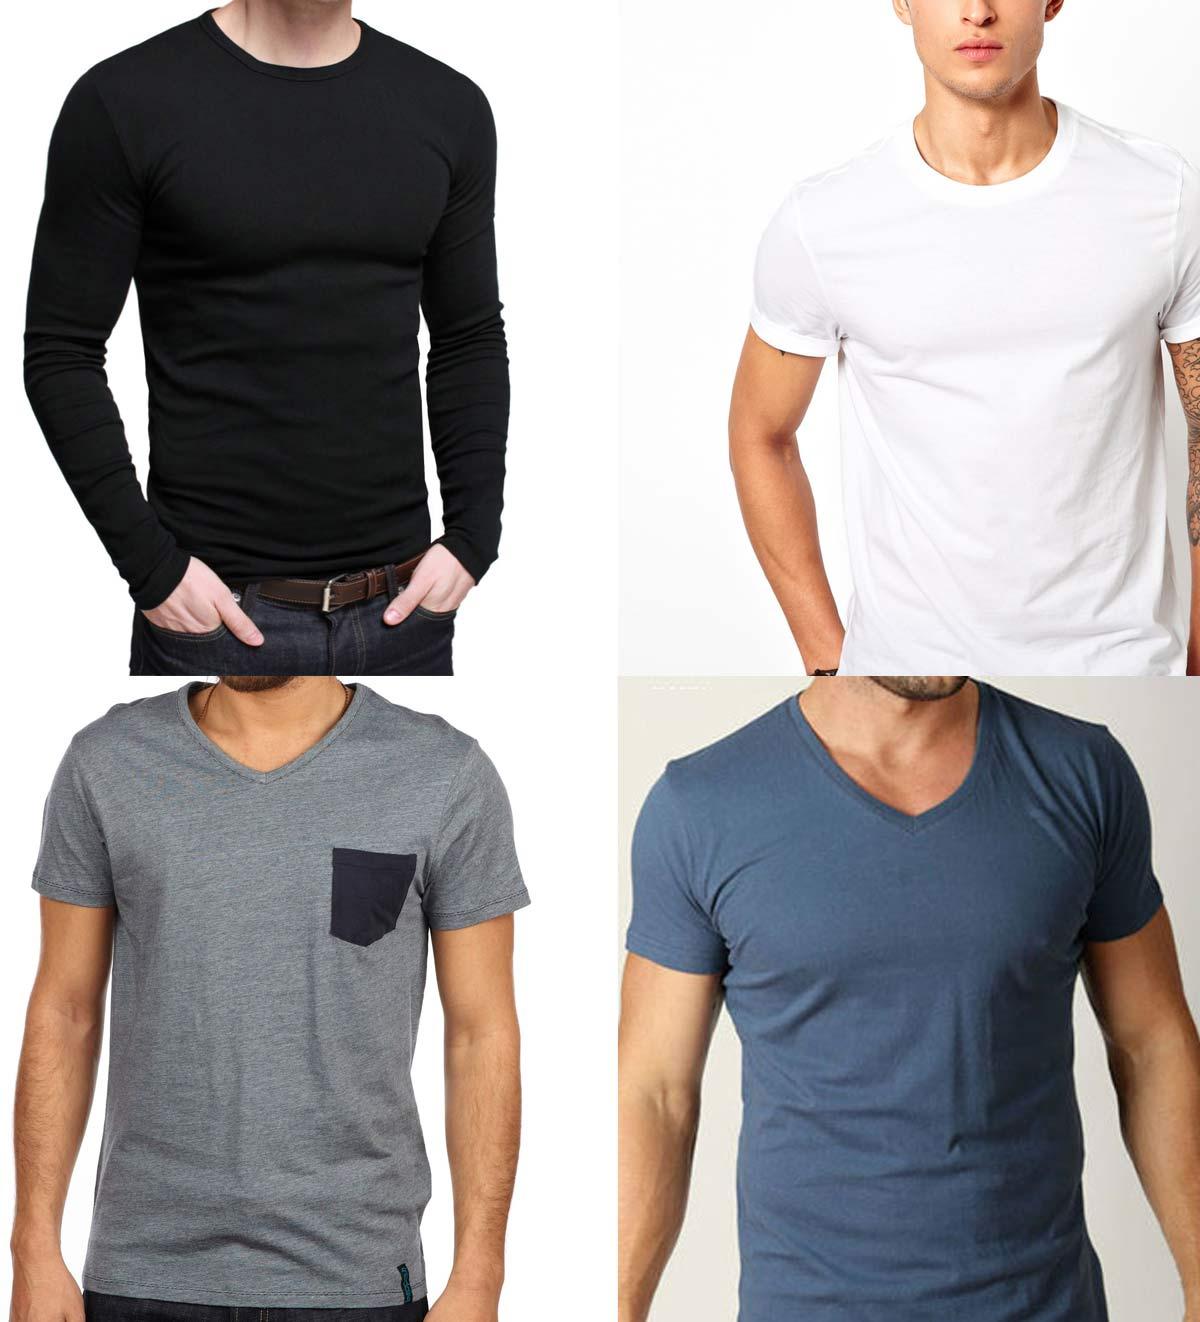 Mens basic shirts